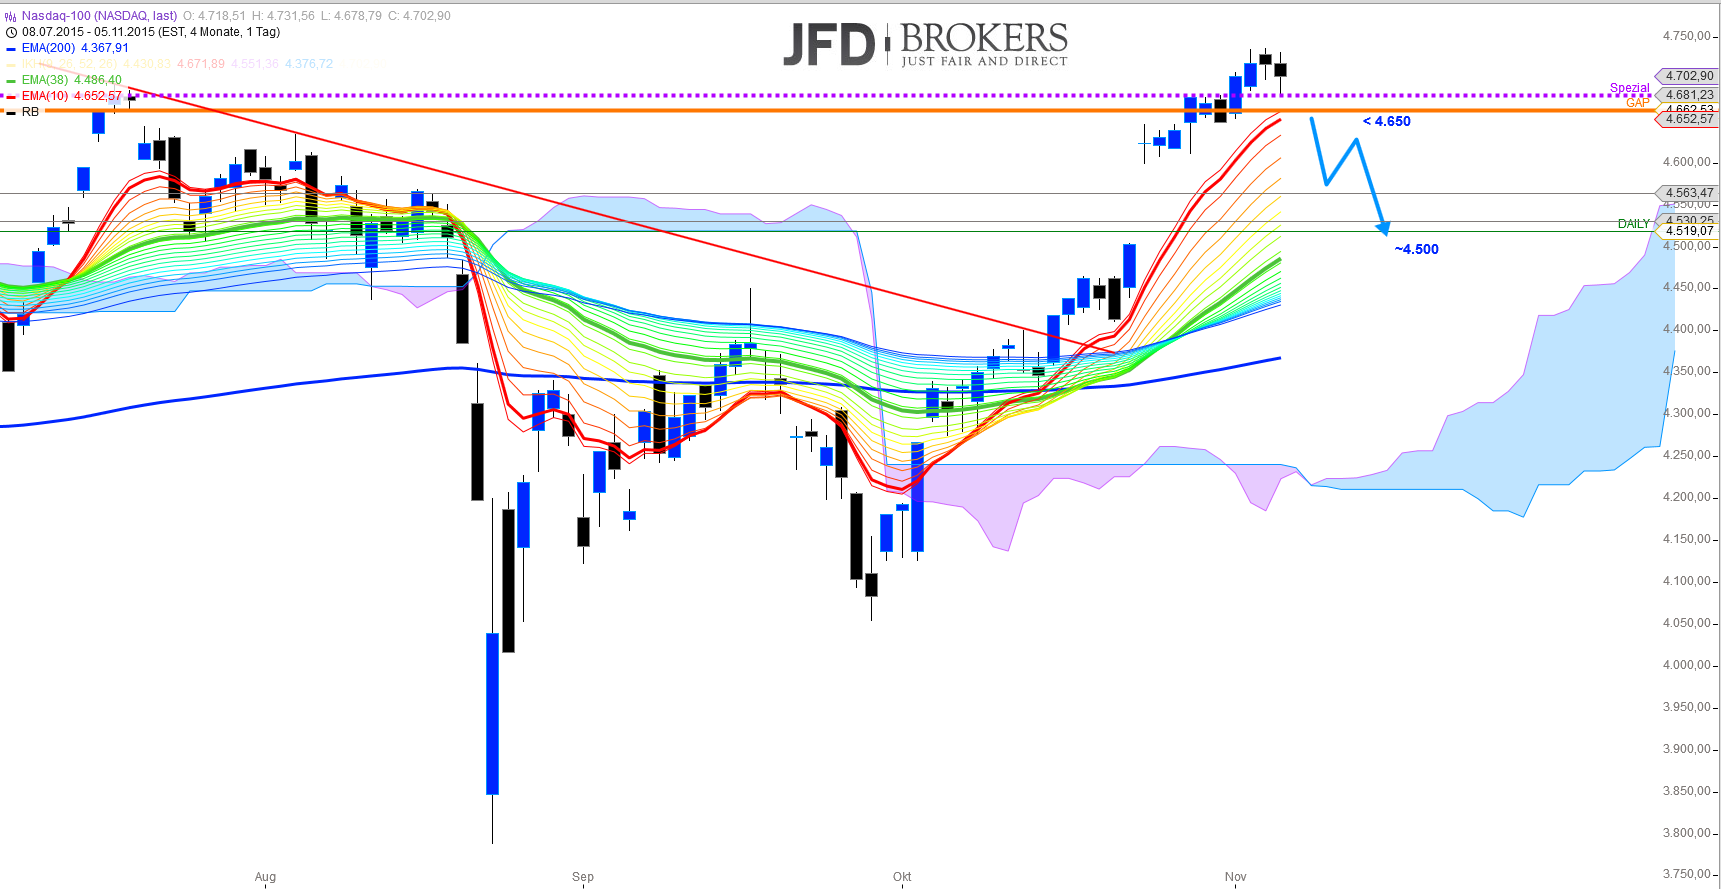 US-Indizes-Chartcheck-vor-den-NFP-Zahlen-Kommentar-JFD-Brokers-GodmodeTrader.de-3